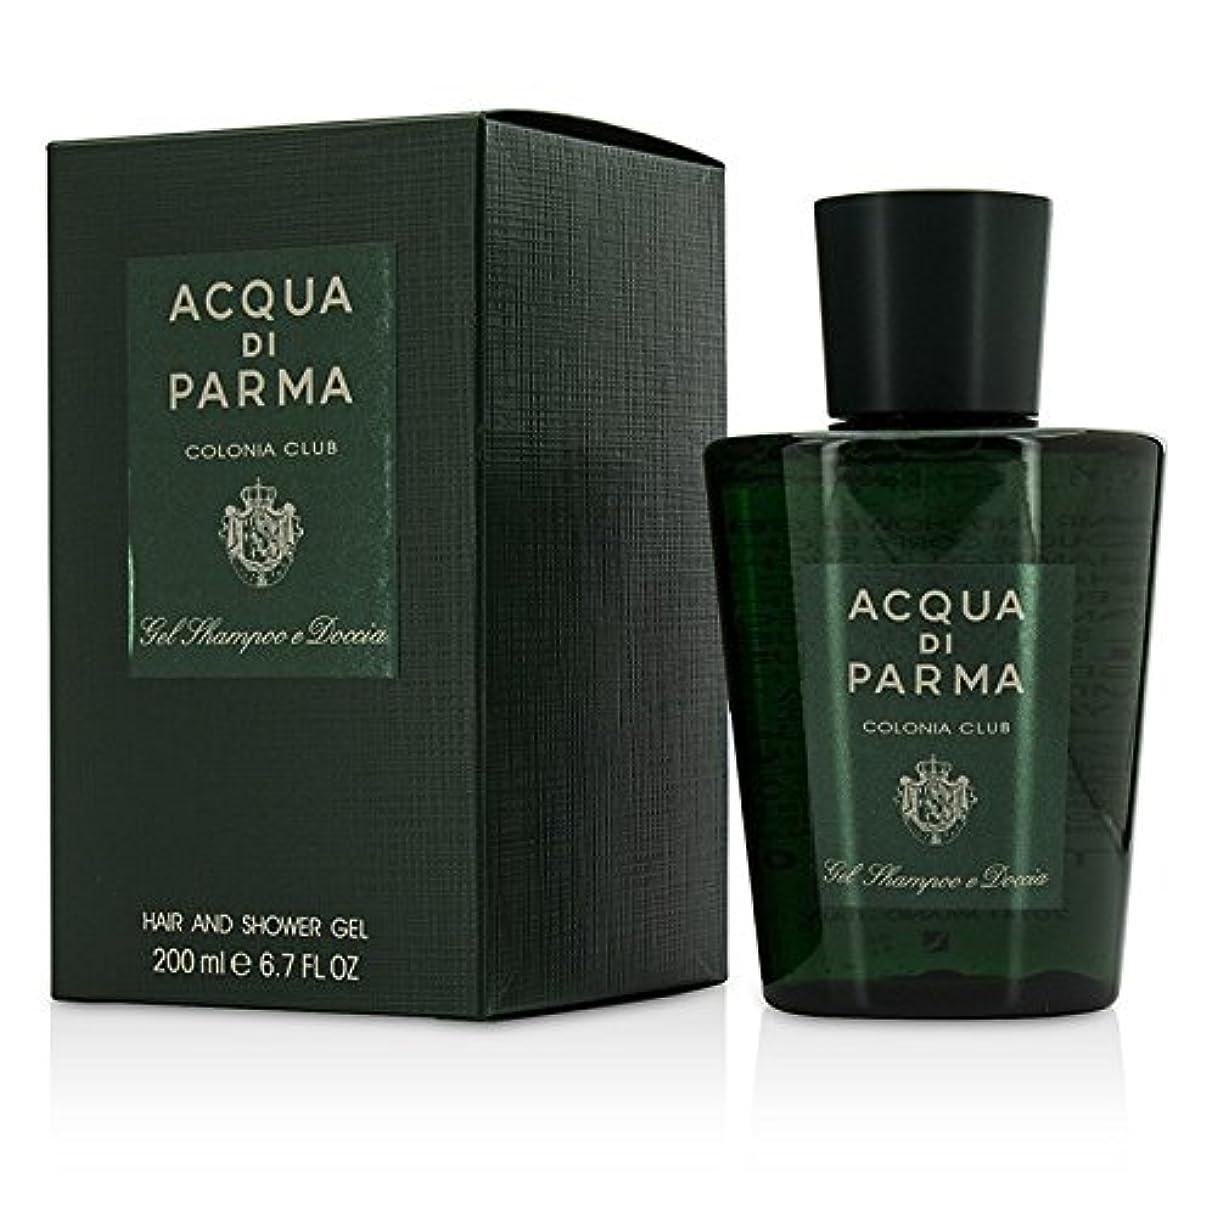 究極の砂のイノセンスアクアディパルマ Acqua di Parma Colonia Club Hair & Shower Gel 200ml/6.7oz並行輸入品